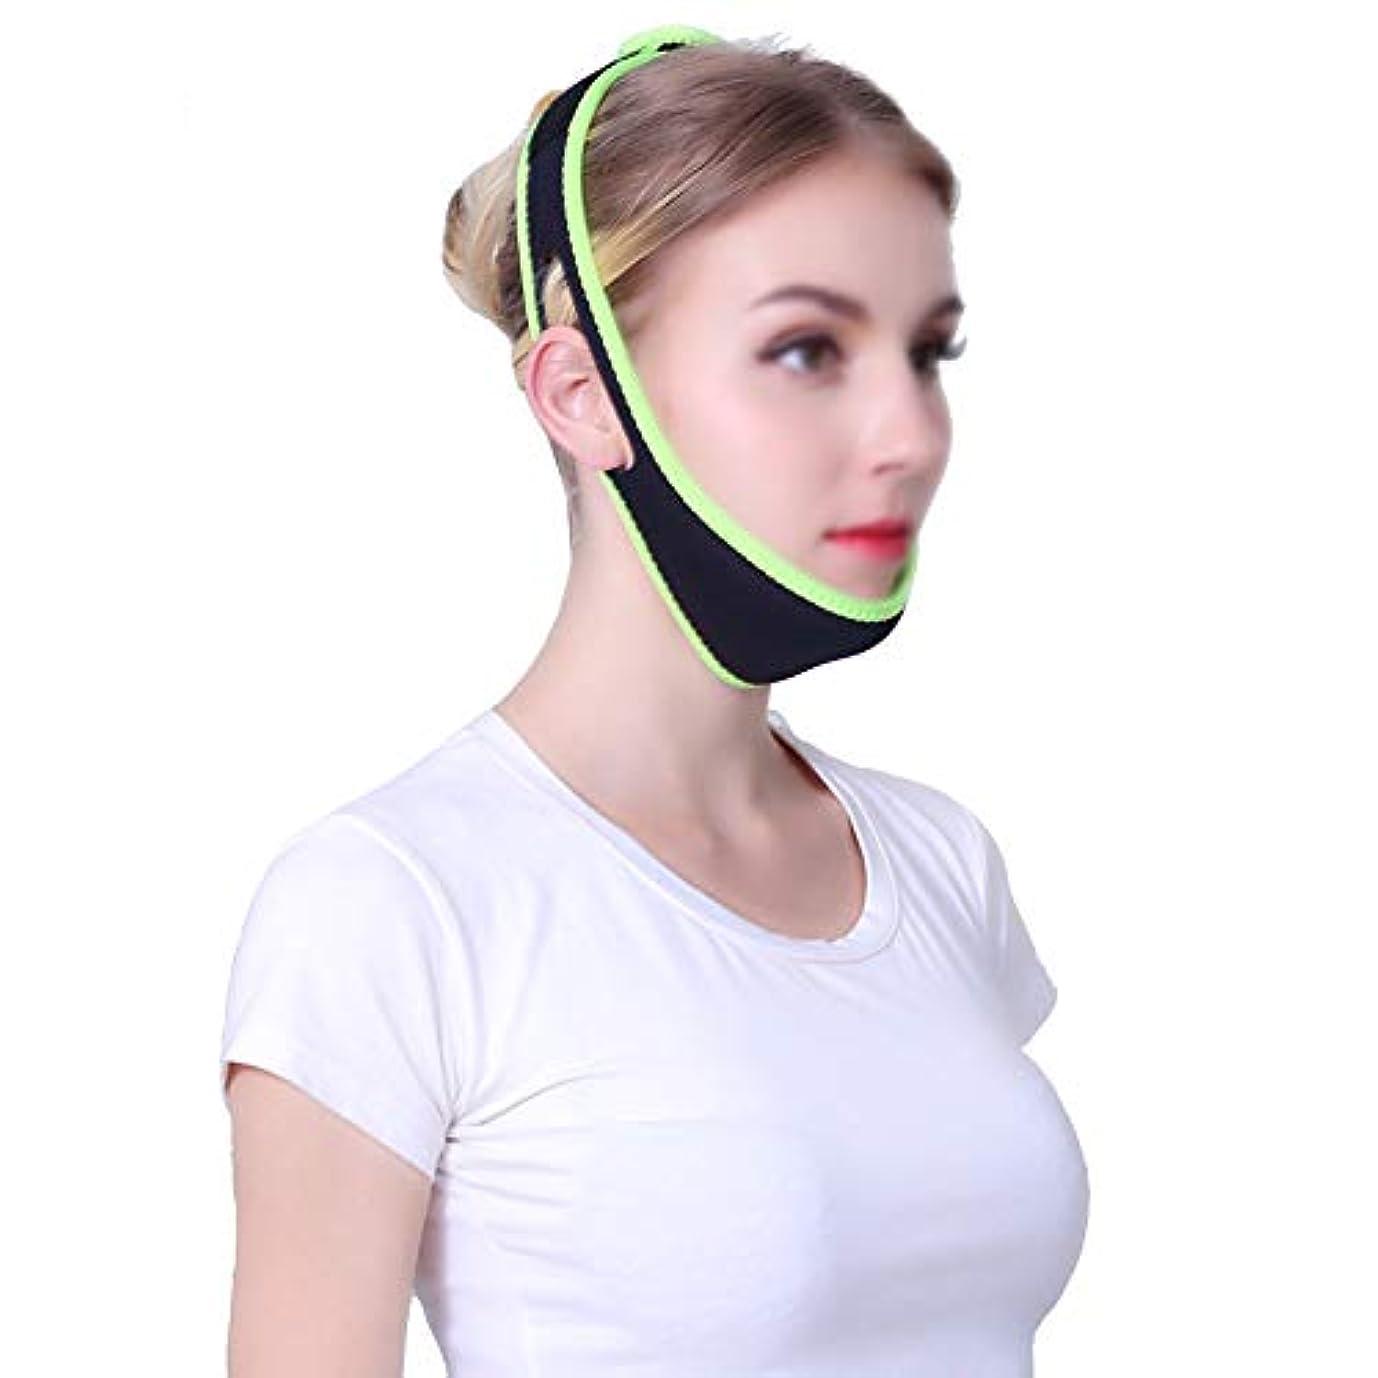 リード一流不定LJK 引き締めフェイスマスク、リフティングマスク引き締めクリームフェイスリフトフェイスメロンフェイス楽器と小さなvフェイスアーティファクト睡眠薄いフェイス包帯マスク